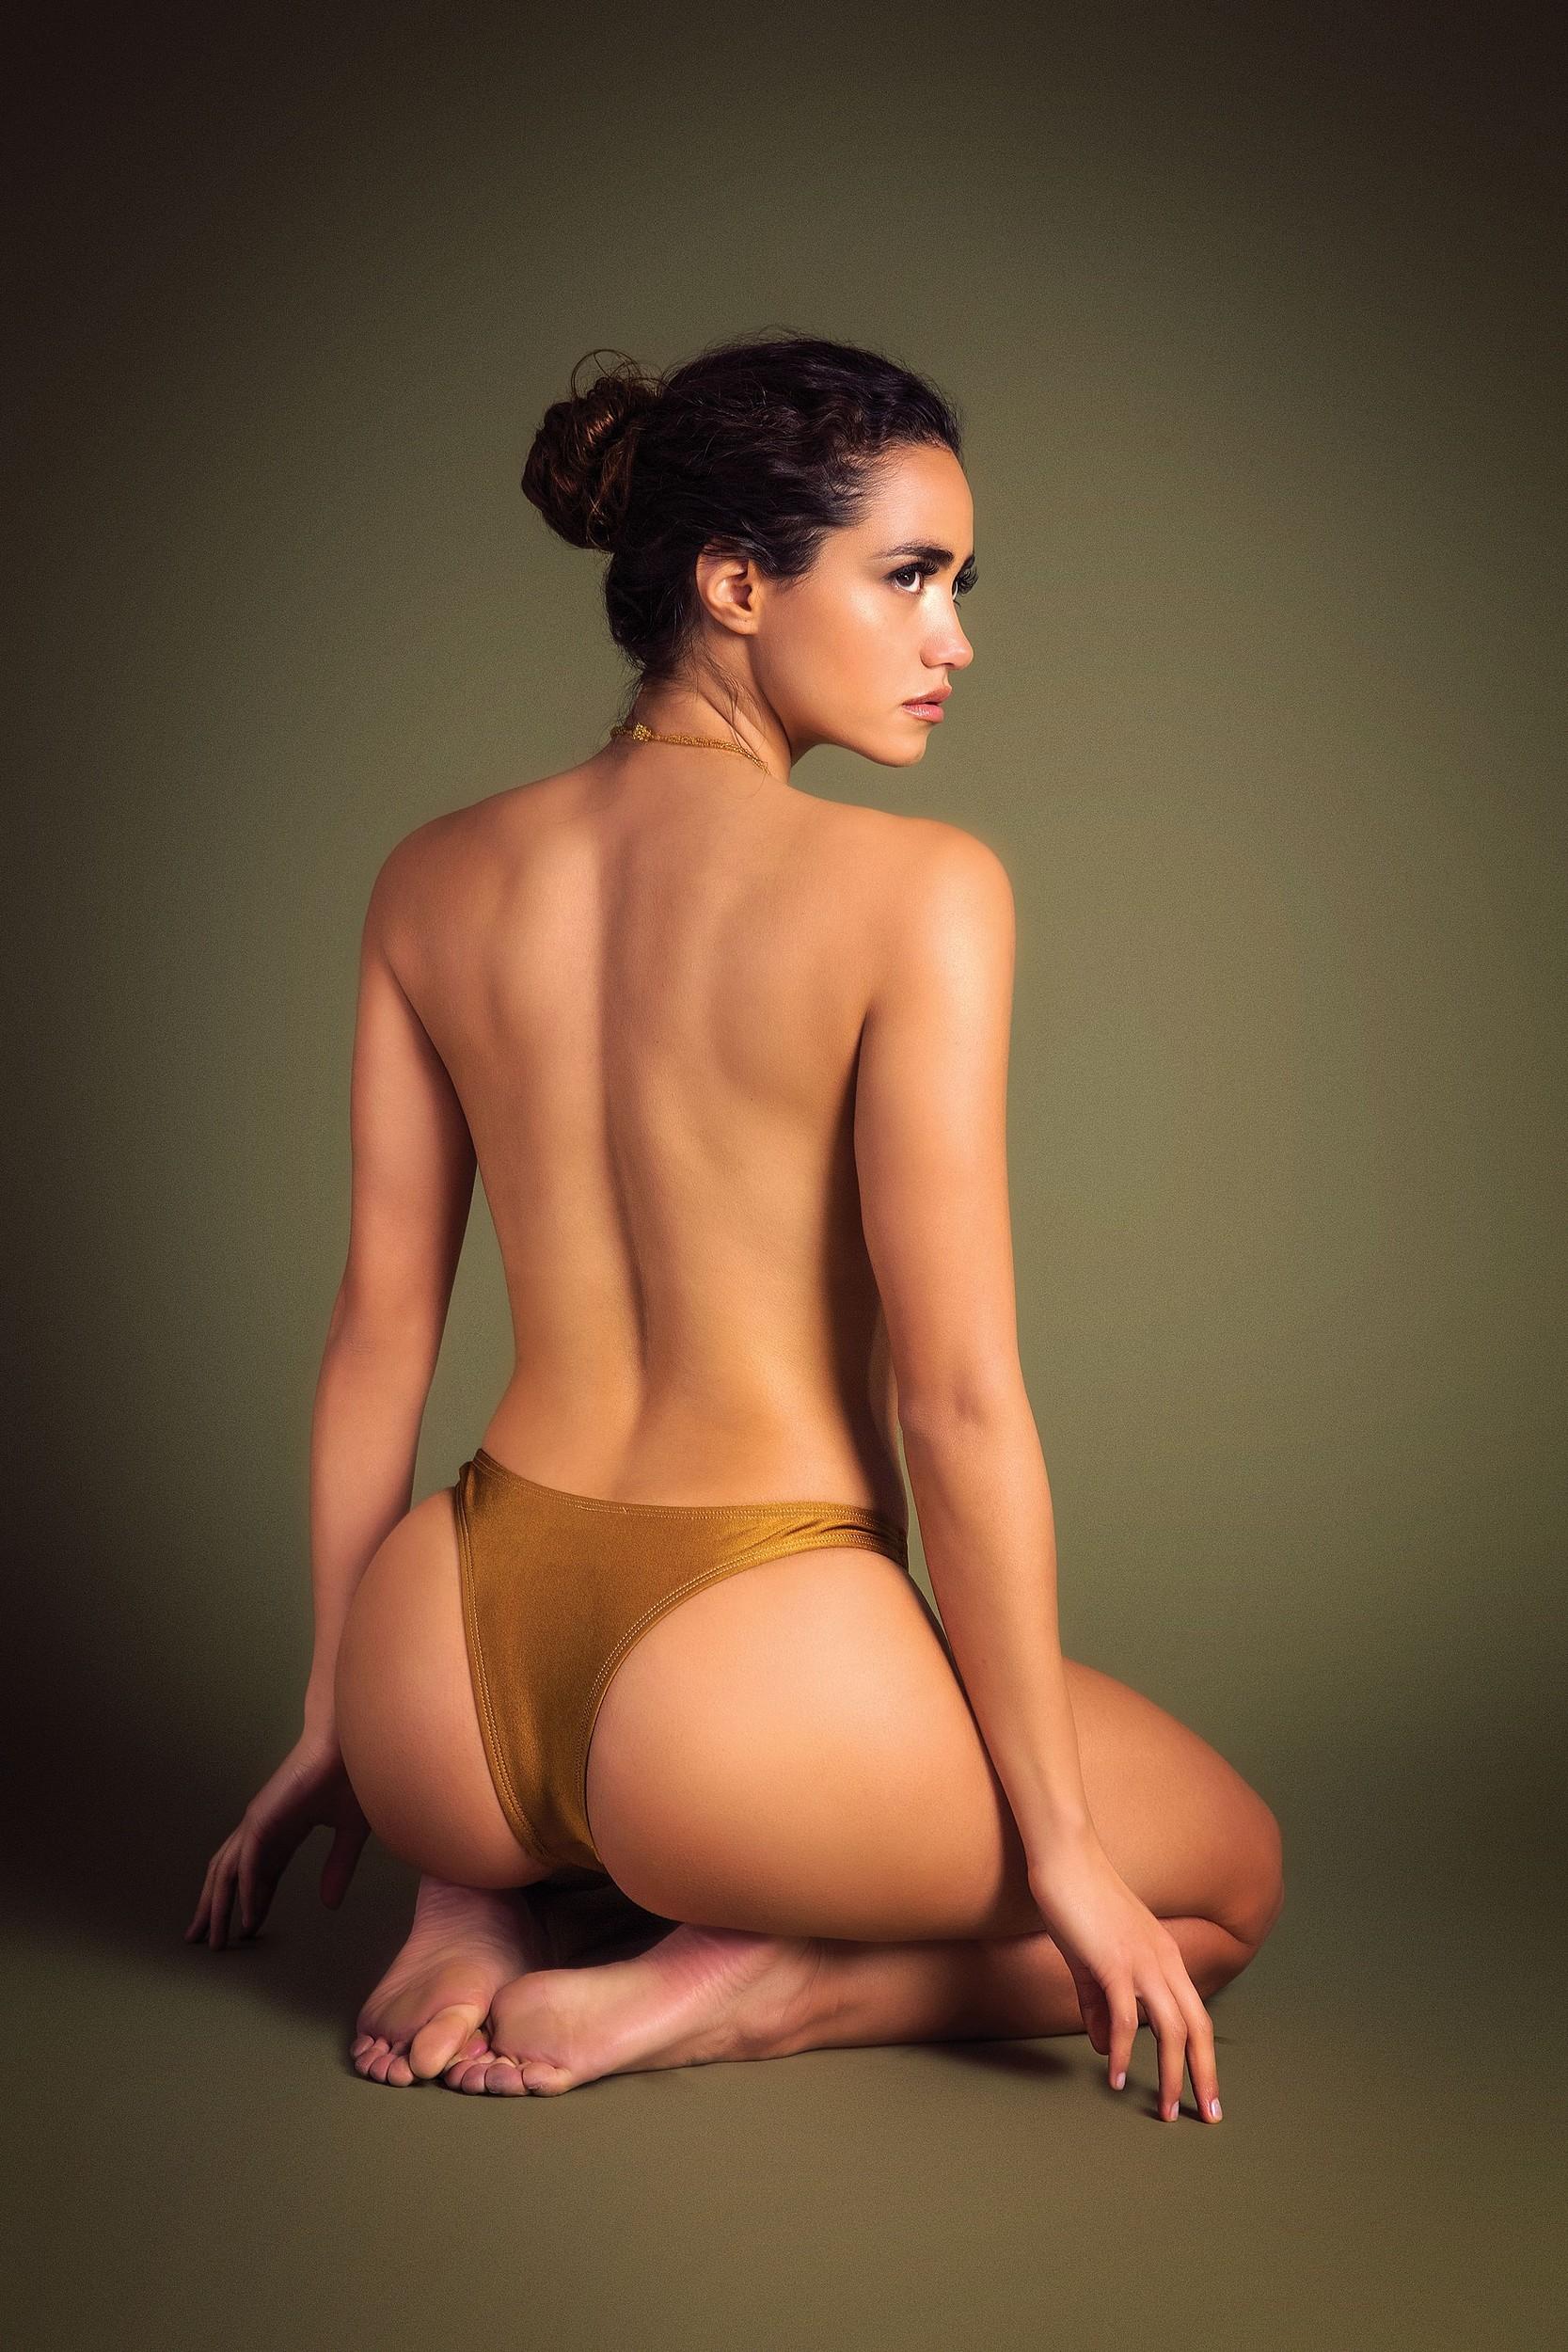 Playboy girl des tages